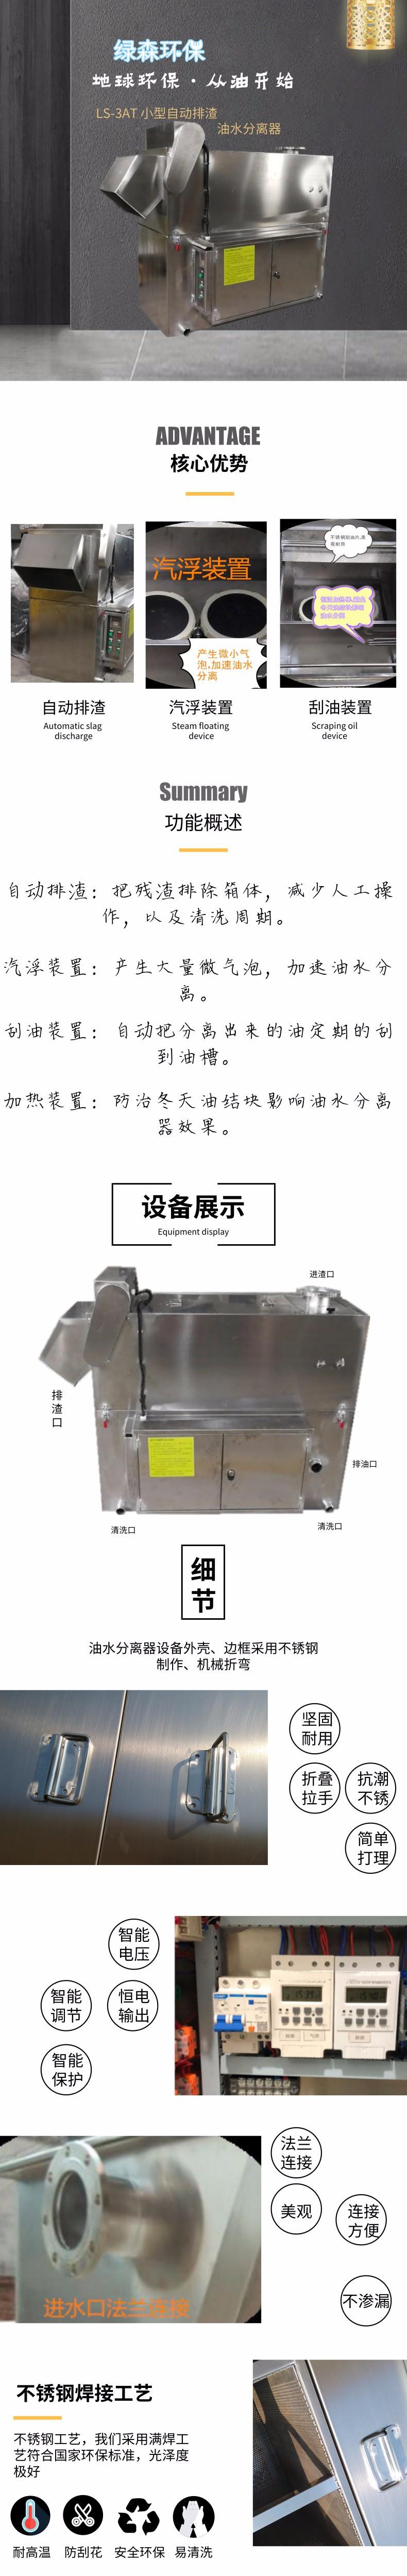 3T自动排渣介绍.jpg